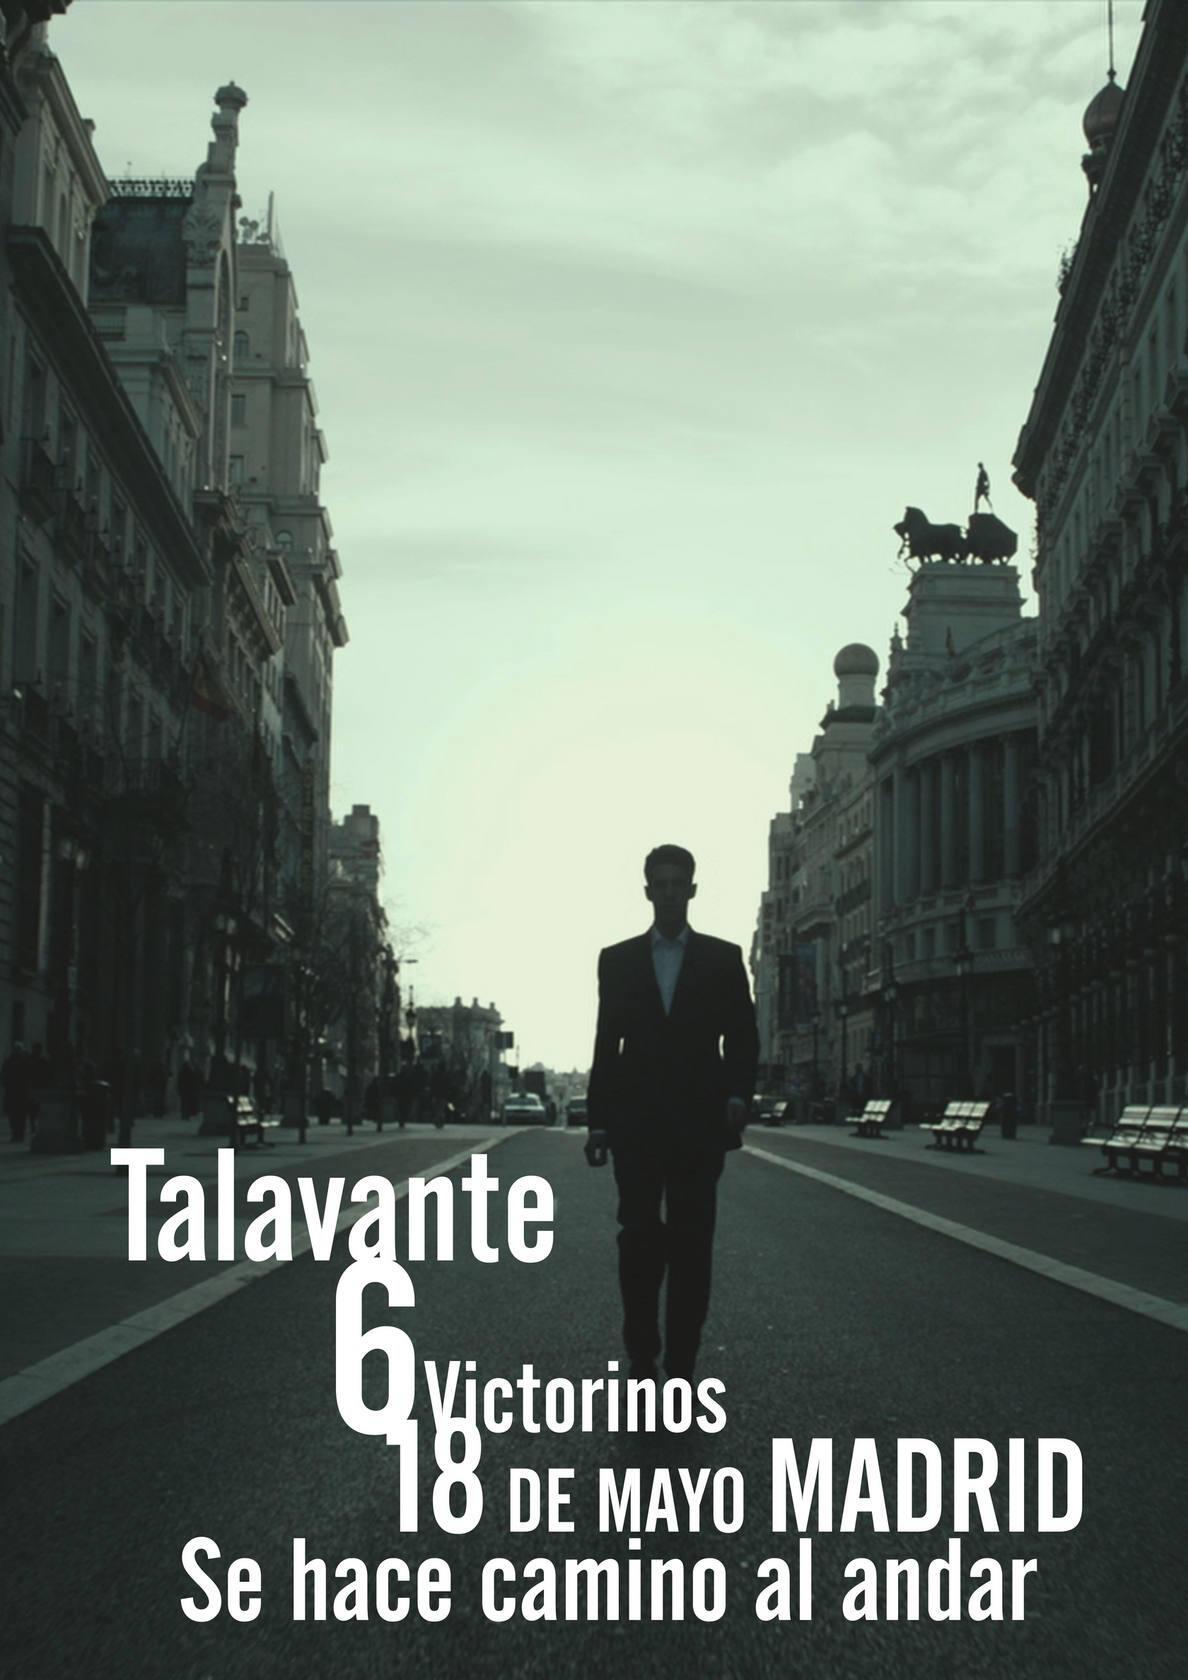 Talavante anuncia en TV su encerrona en Las Ventas